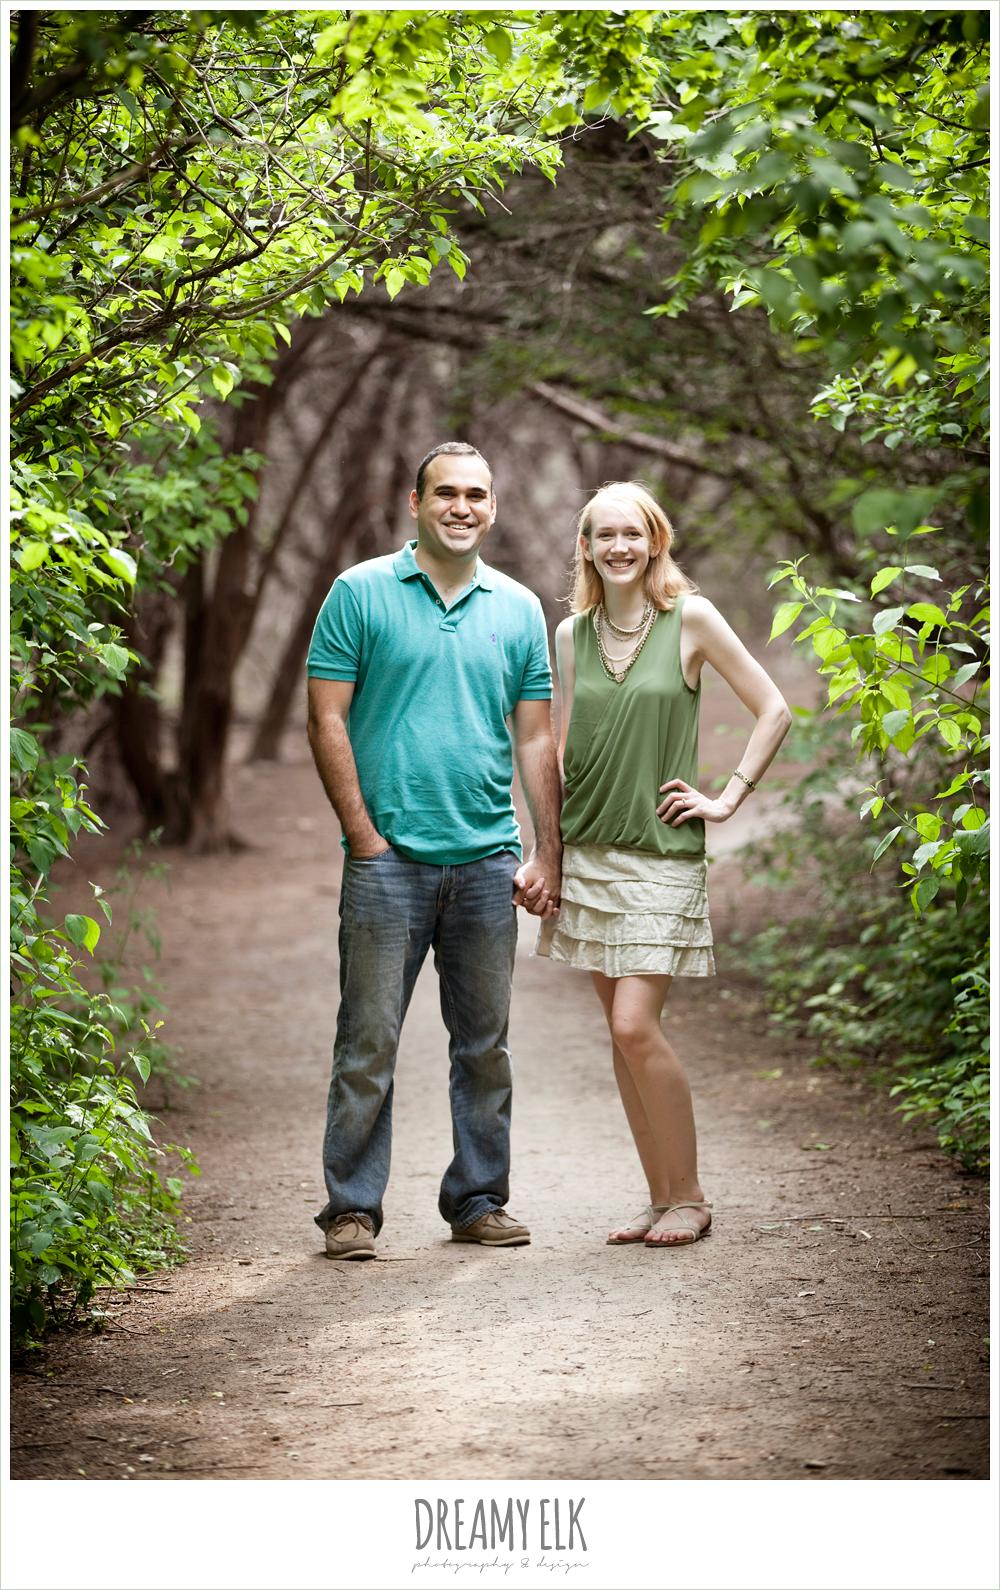 3 mallory and esteban engagements, walnut creek park, austin, texas